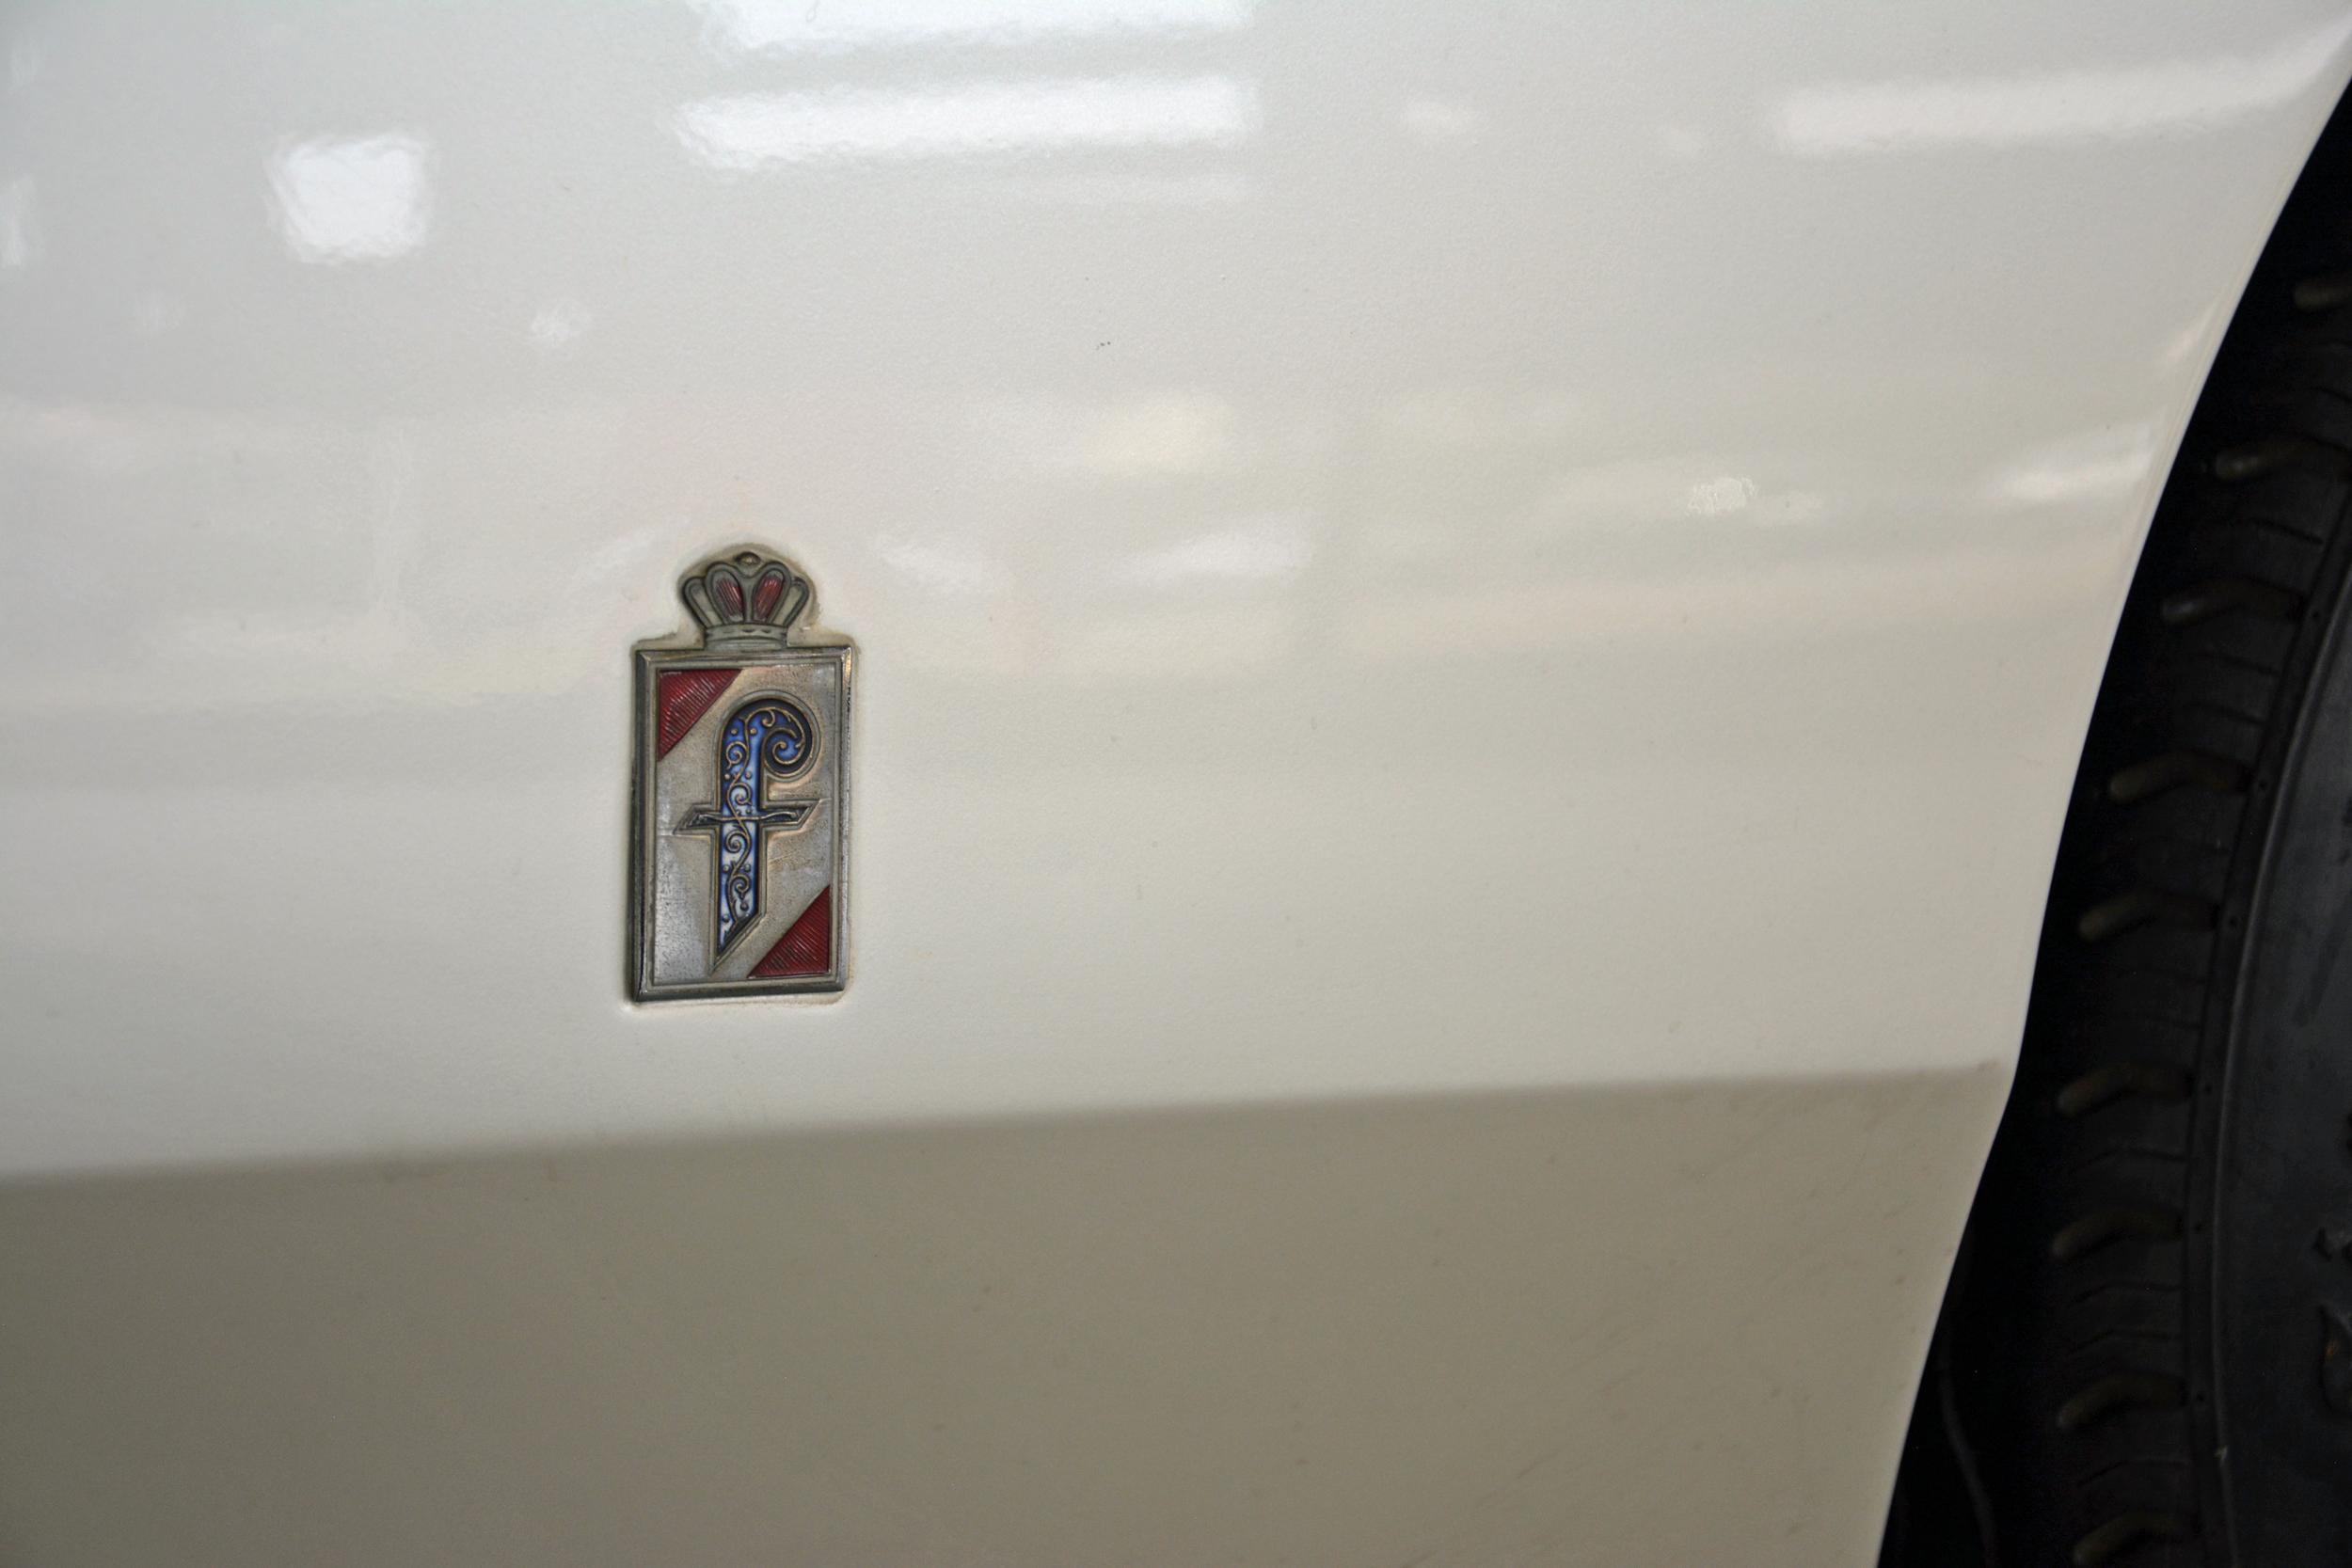 1968 ferrari p6 prototype quarter panel crest